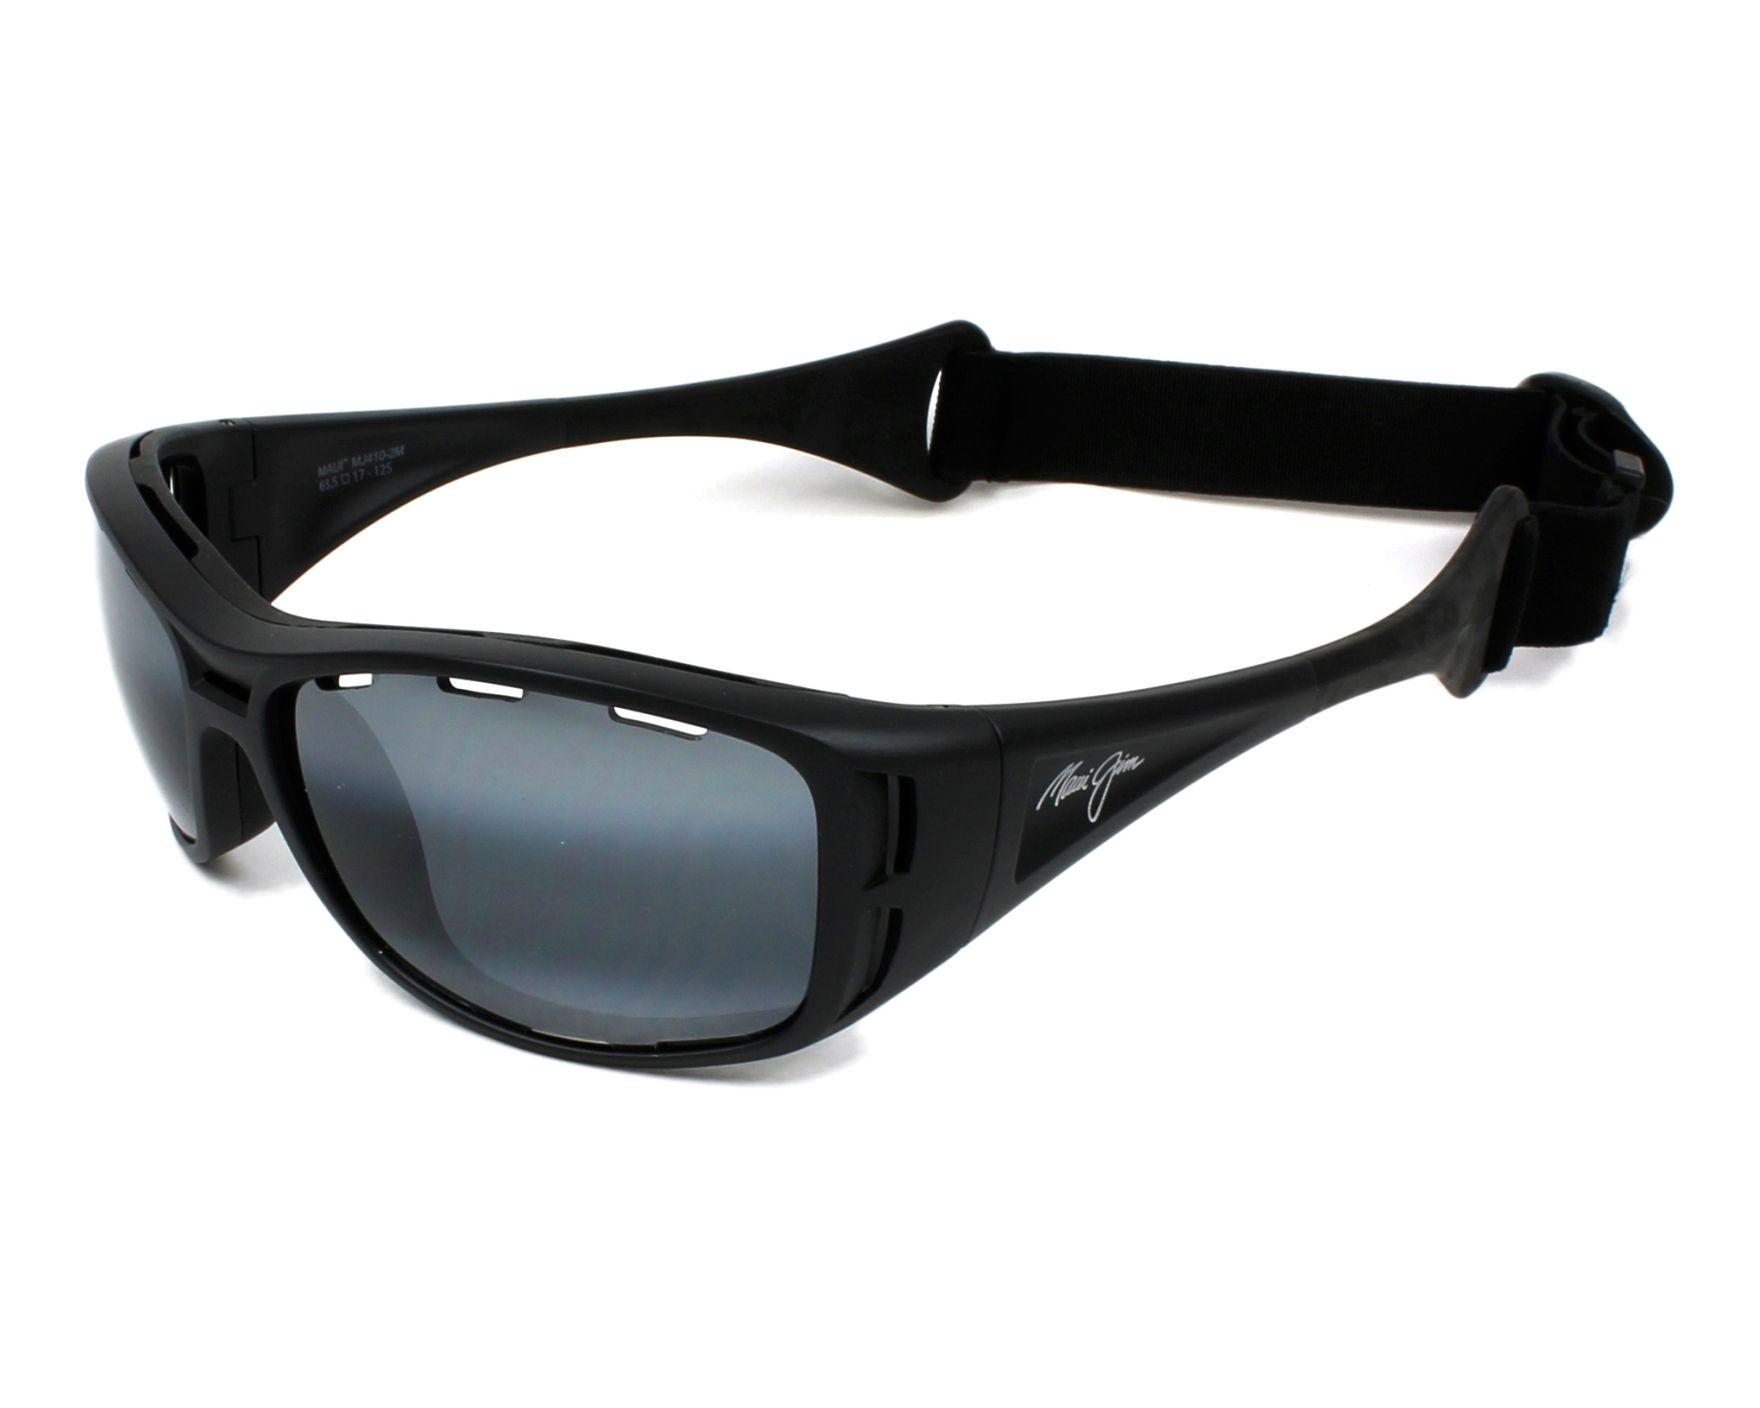 Lunettes de soleil maui jim 410 2m noir avec des verres gris for Miroir 2m